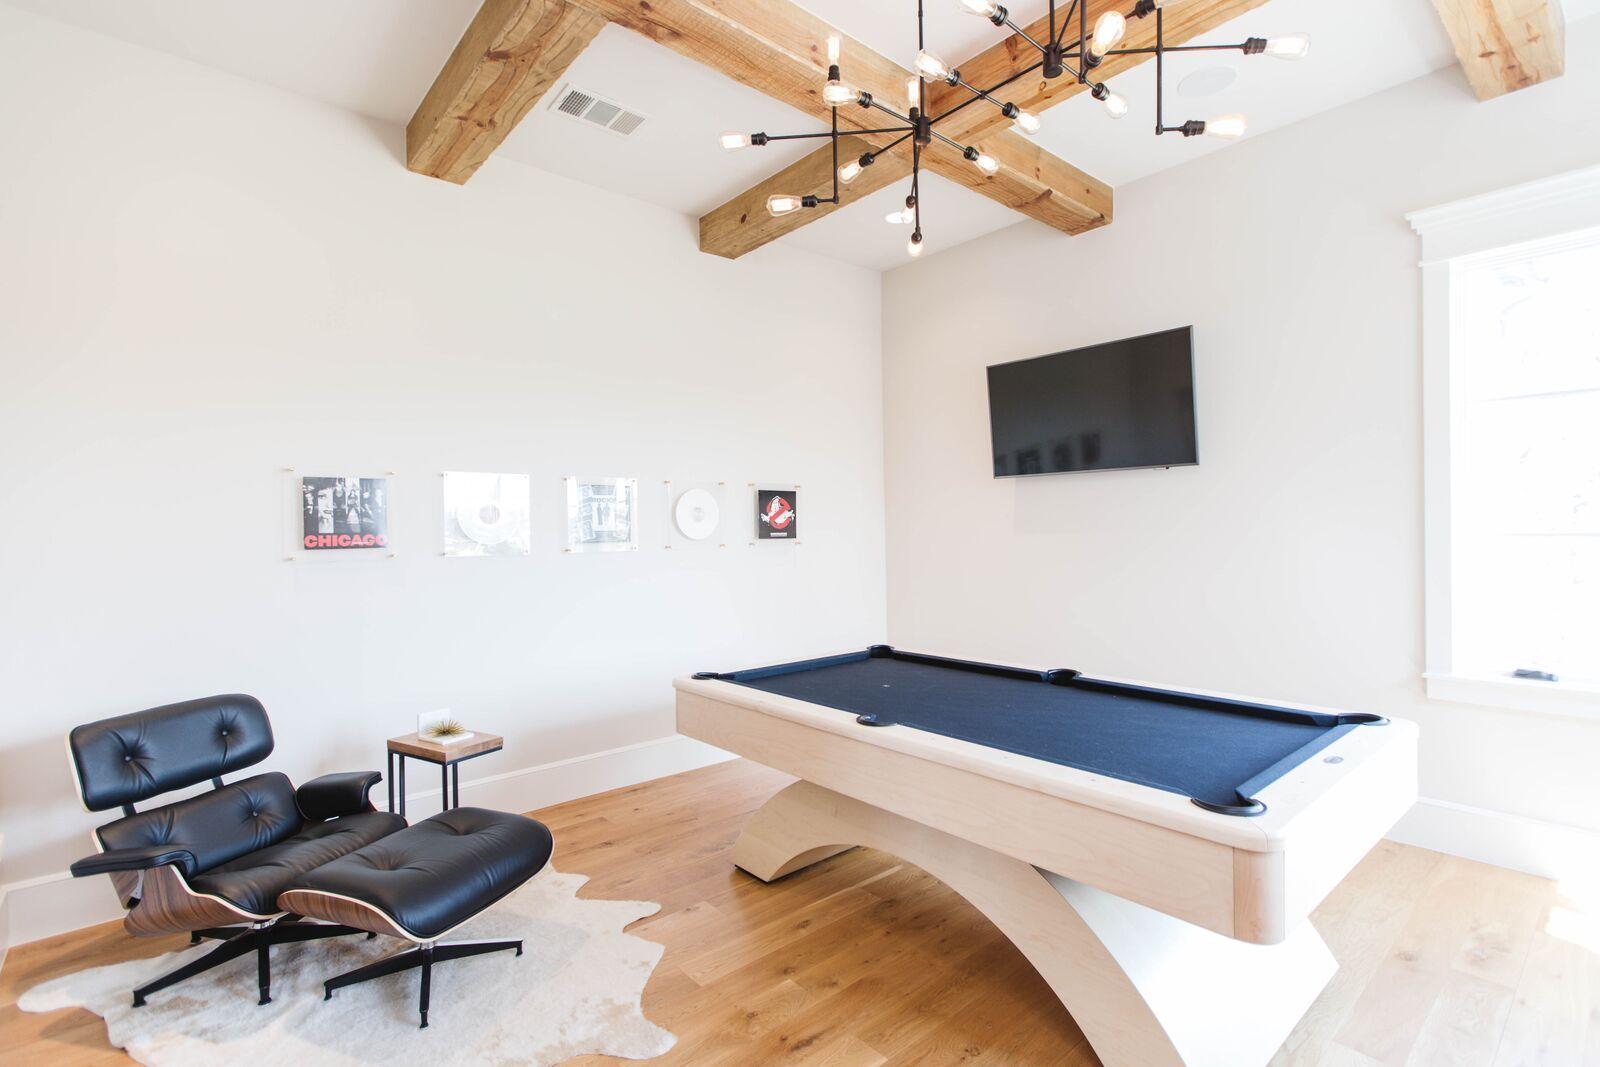 Billiard room. Design: Urbanology designs/ pool table: billiard ...